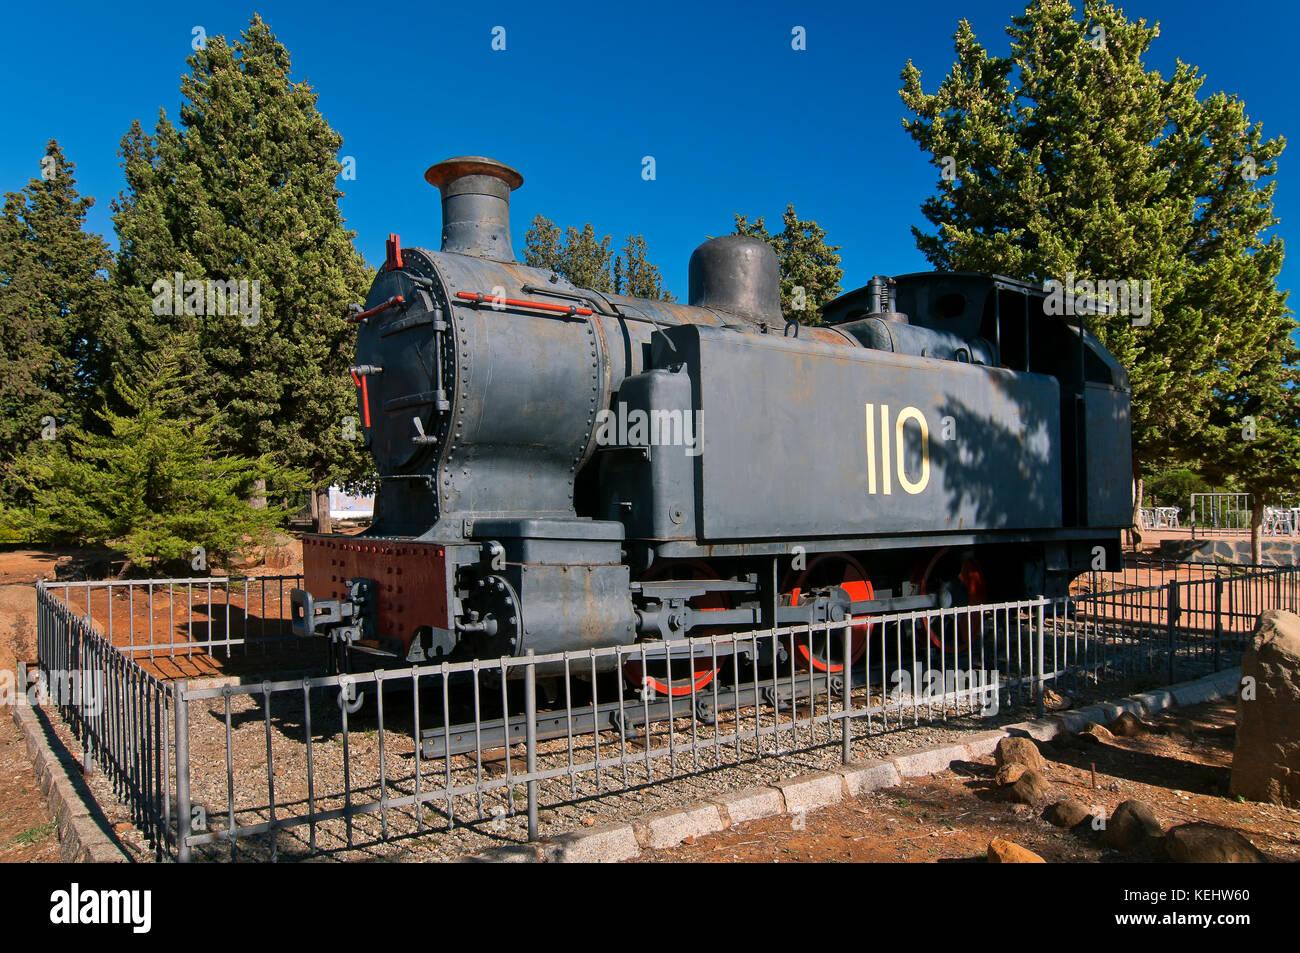 Homage to old mining train - locomotive, Parque de los Cipreses, El Campillo, El Andevalo region, Huelva province, - Stock Image